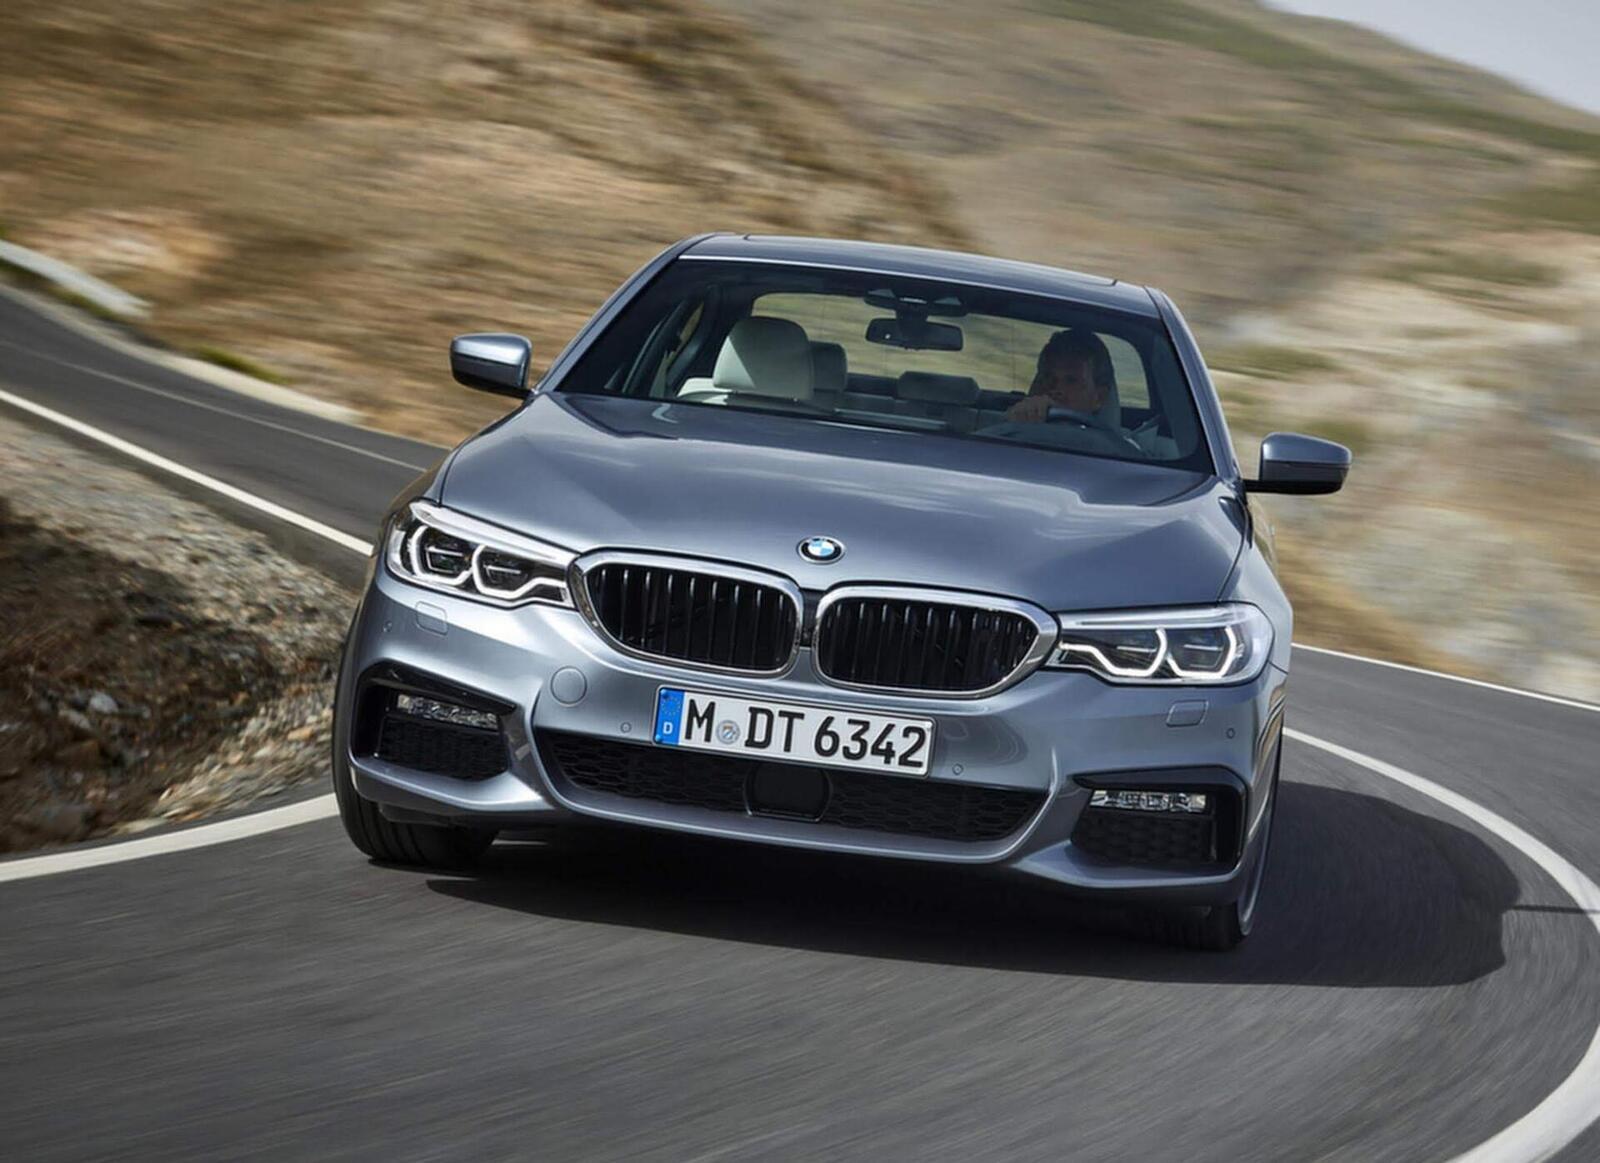 BMW 5 Series thế hệ hoàn toàn mới xuất hiện tại Hà Nội - Hình 4